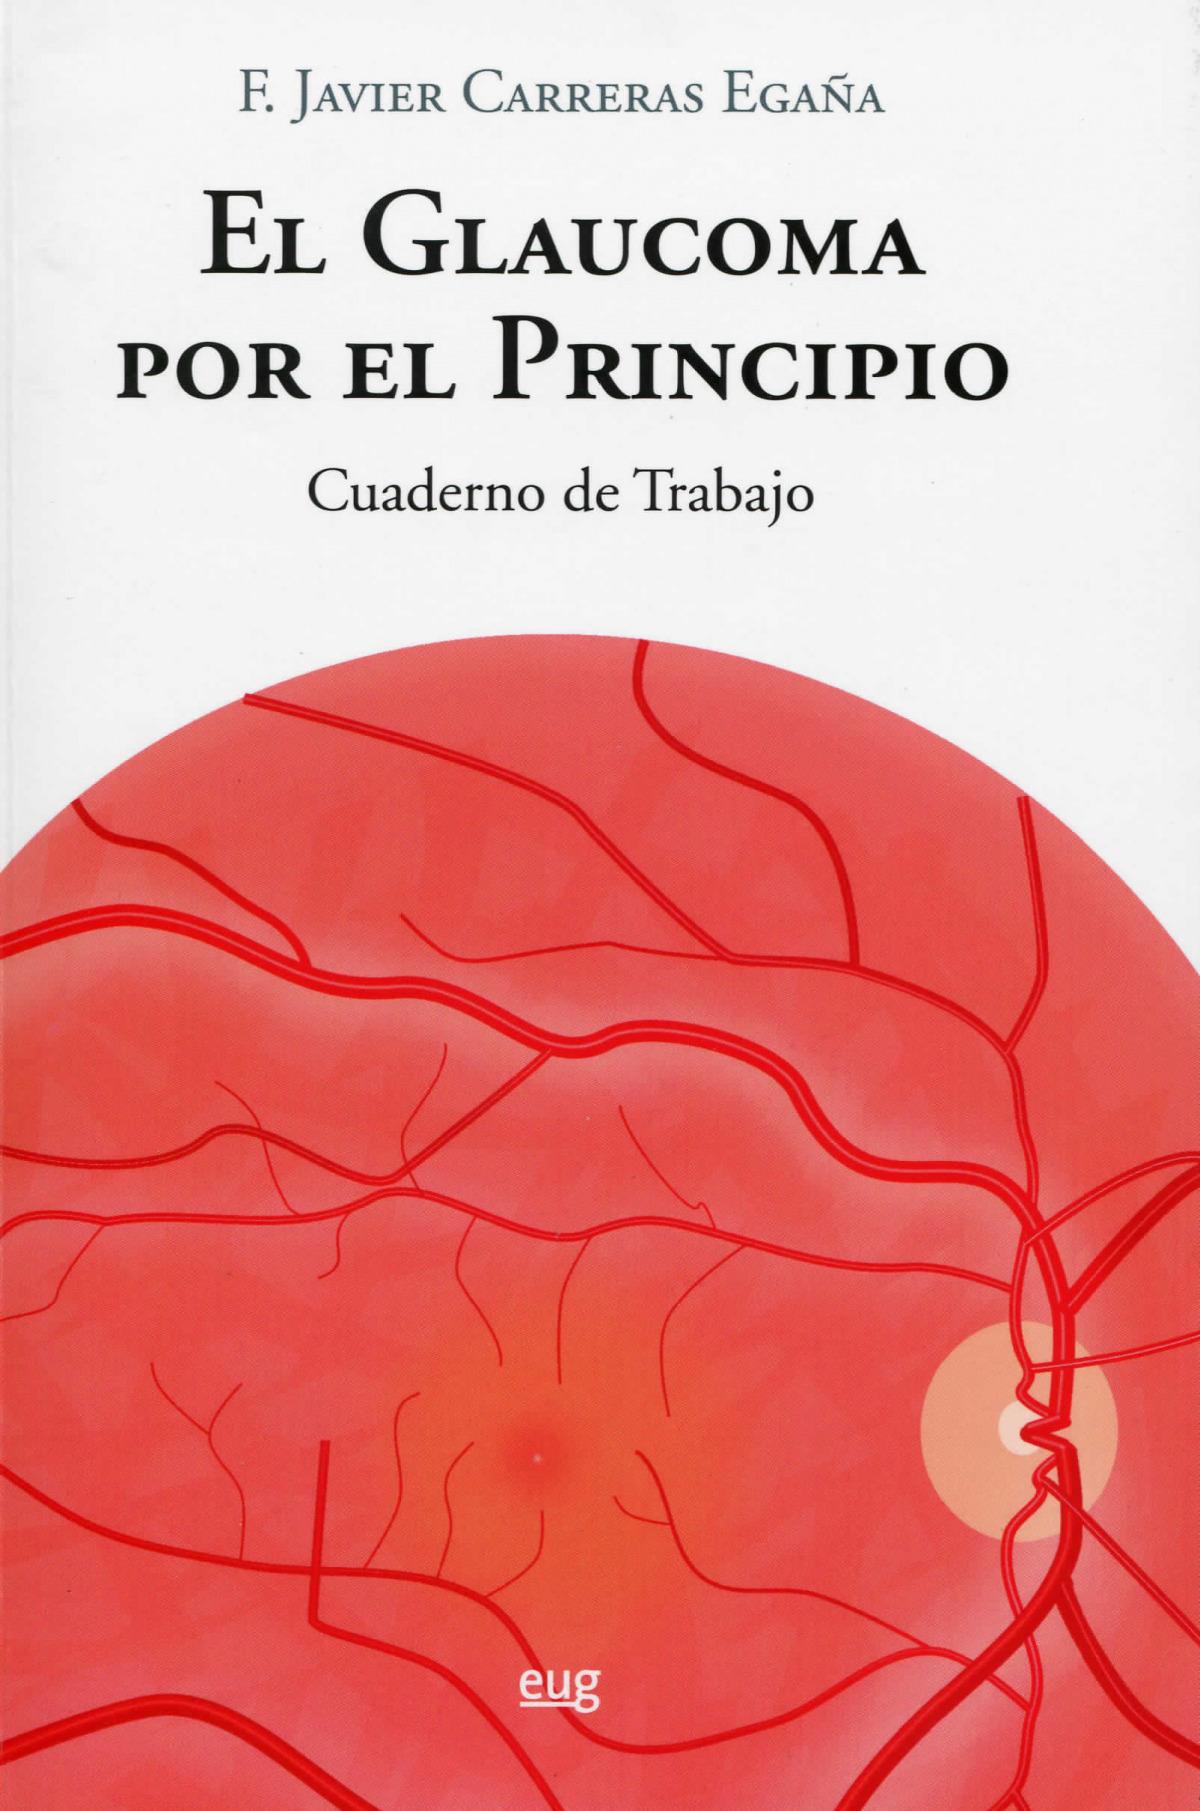 El glaucoma por el principio